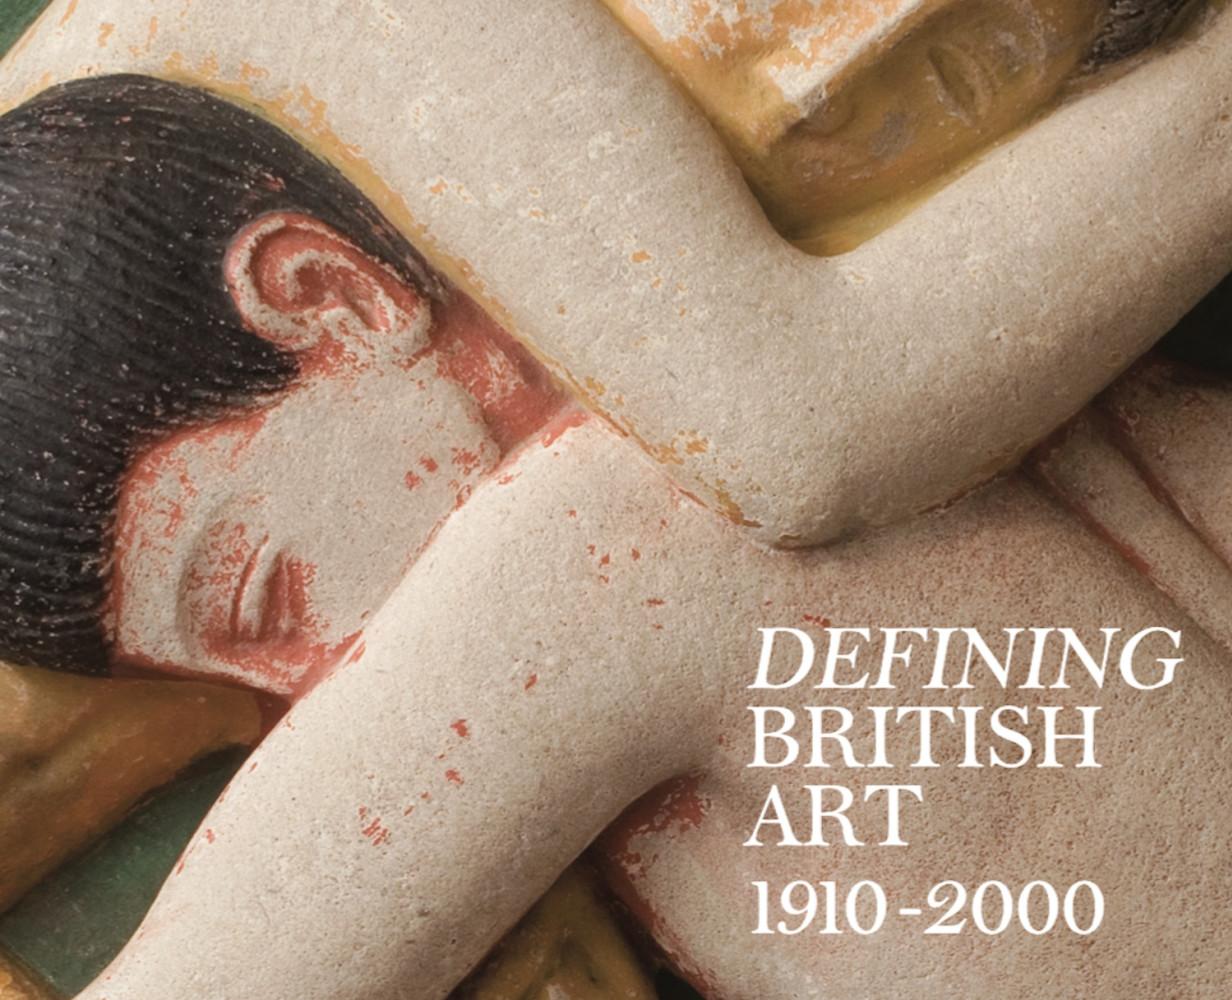 Defining British Art